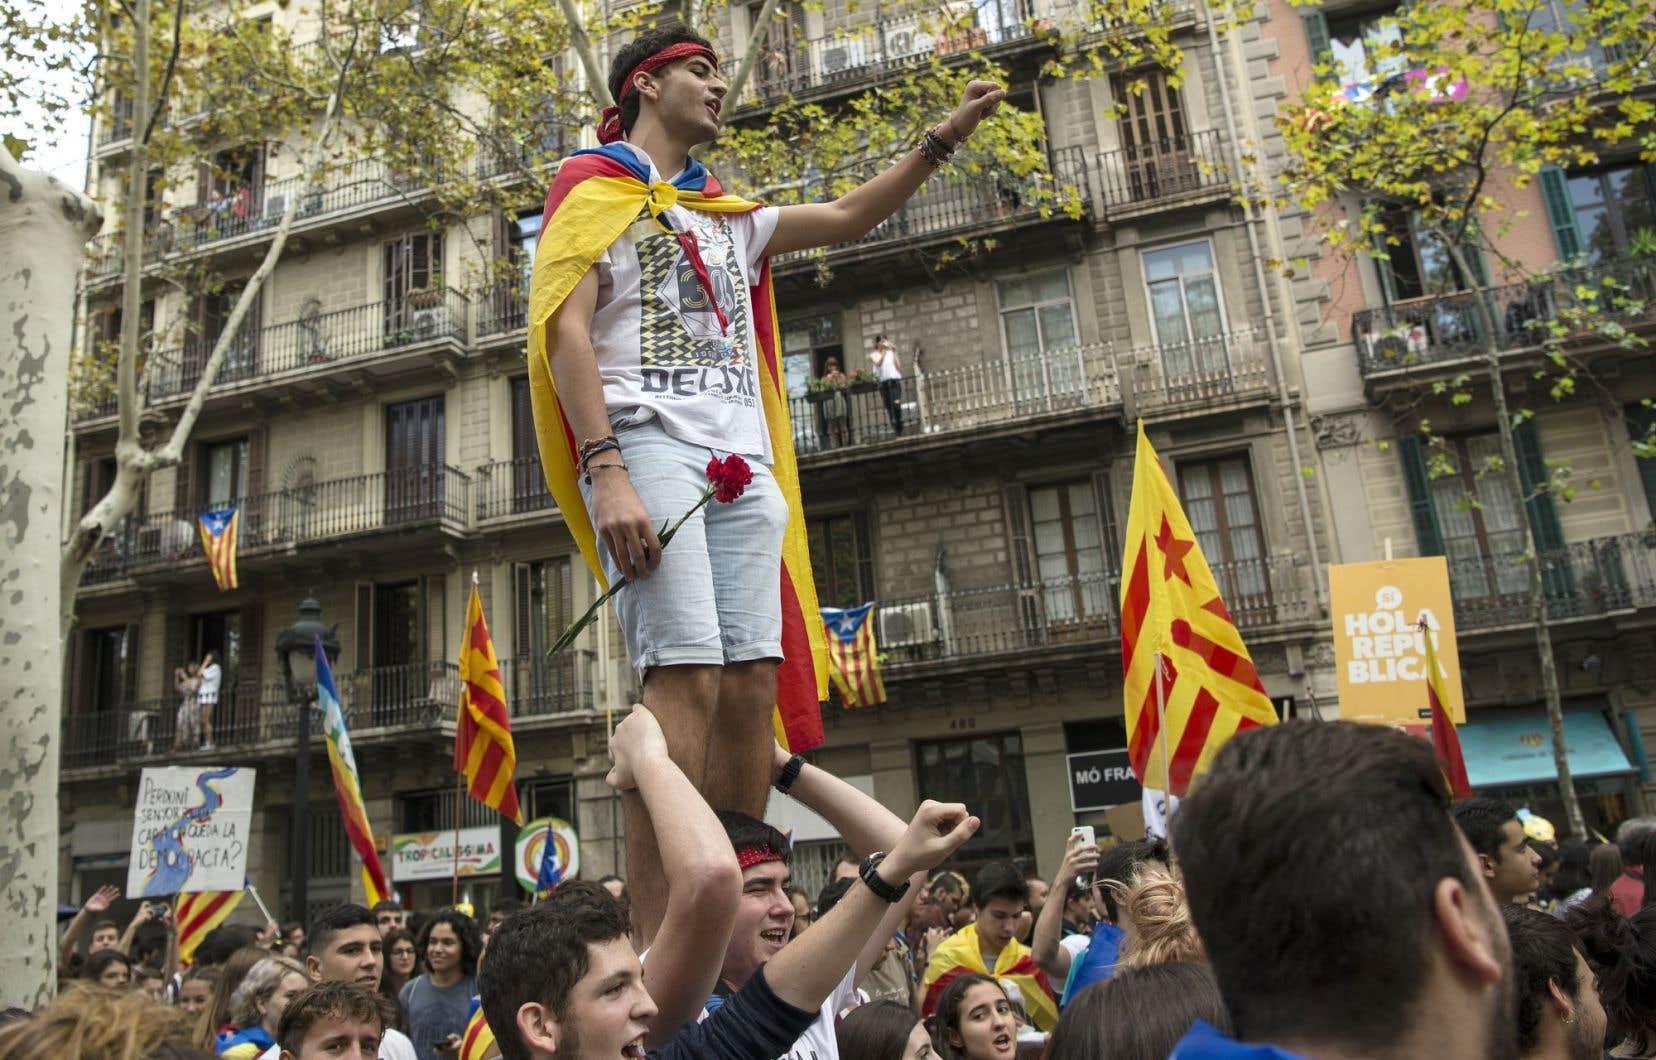 Les jeunes se sont donné rendez-vous devant l'Université de Barcelone, un bâtiment historique du centre de la ville.